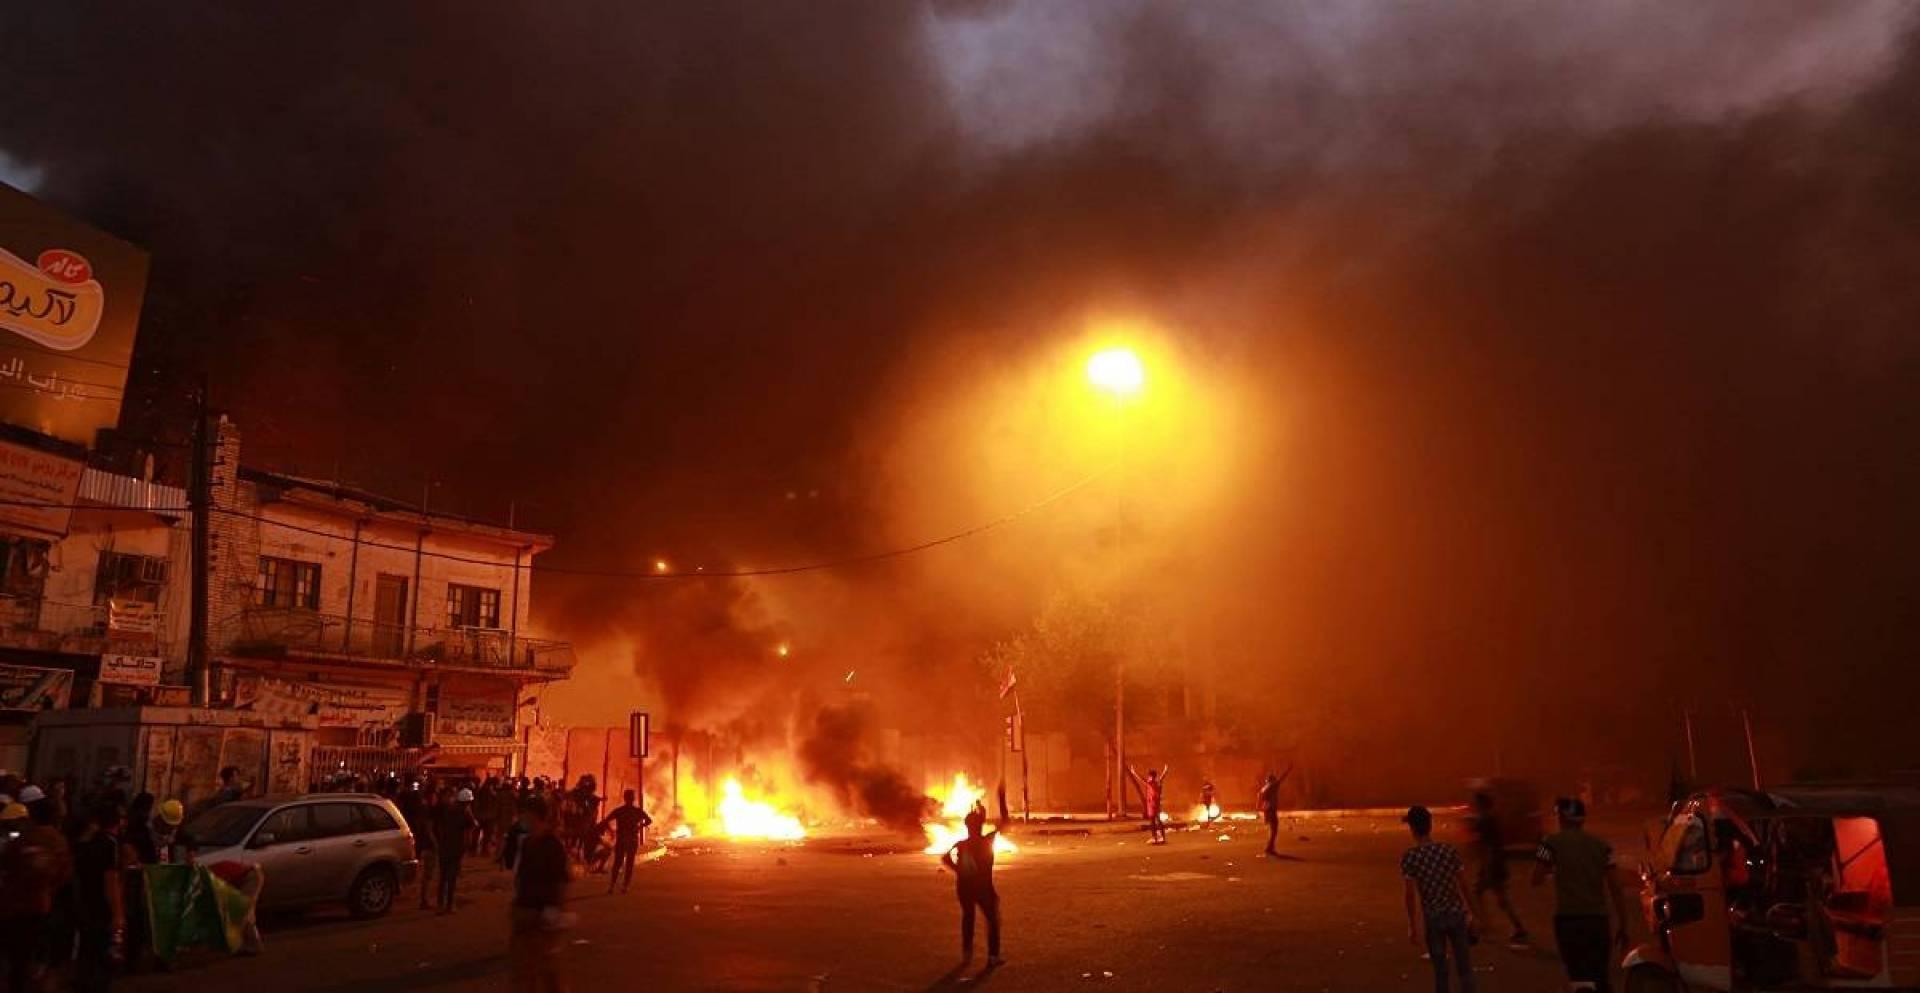 سماع صوت انفجار بالقرب من ساحة التحرير في بغداد